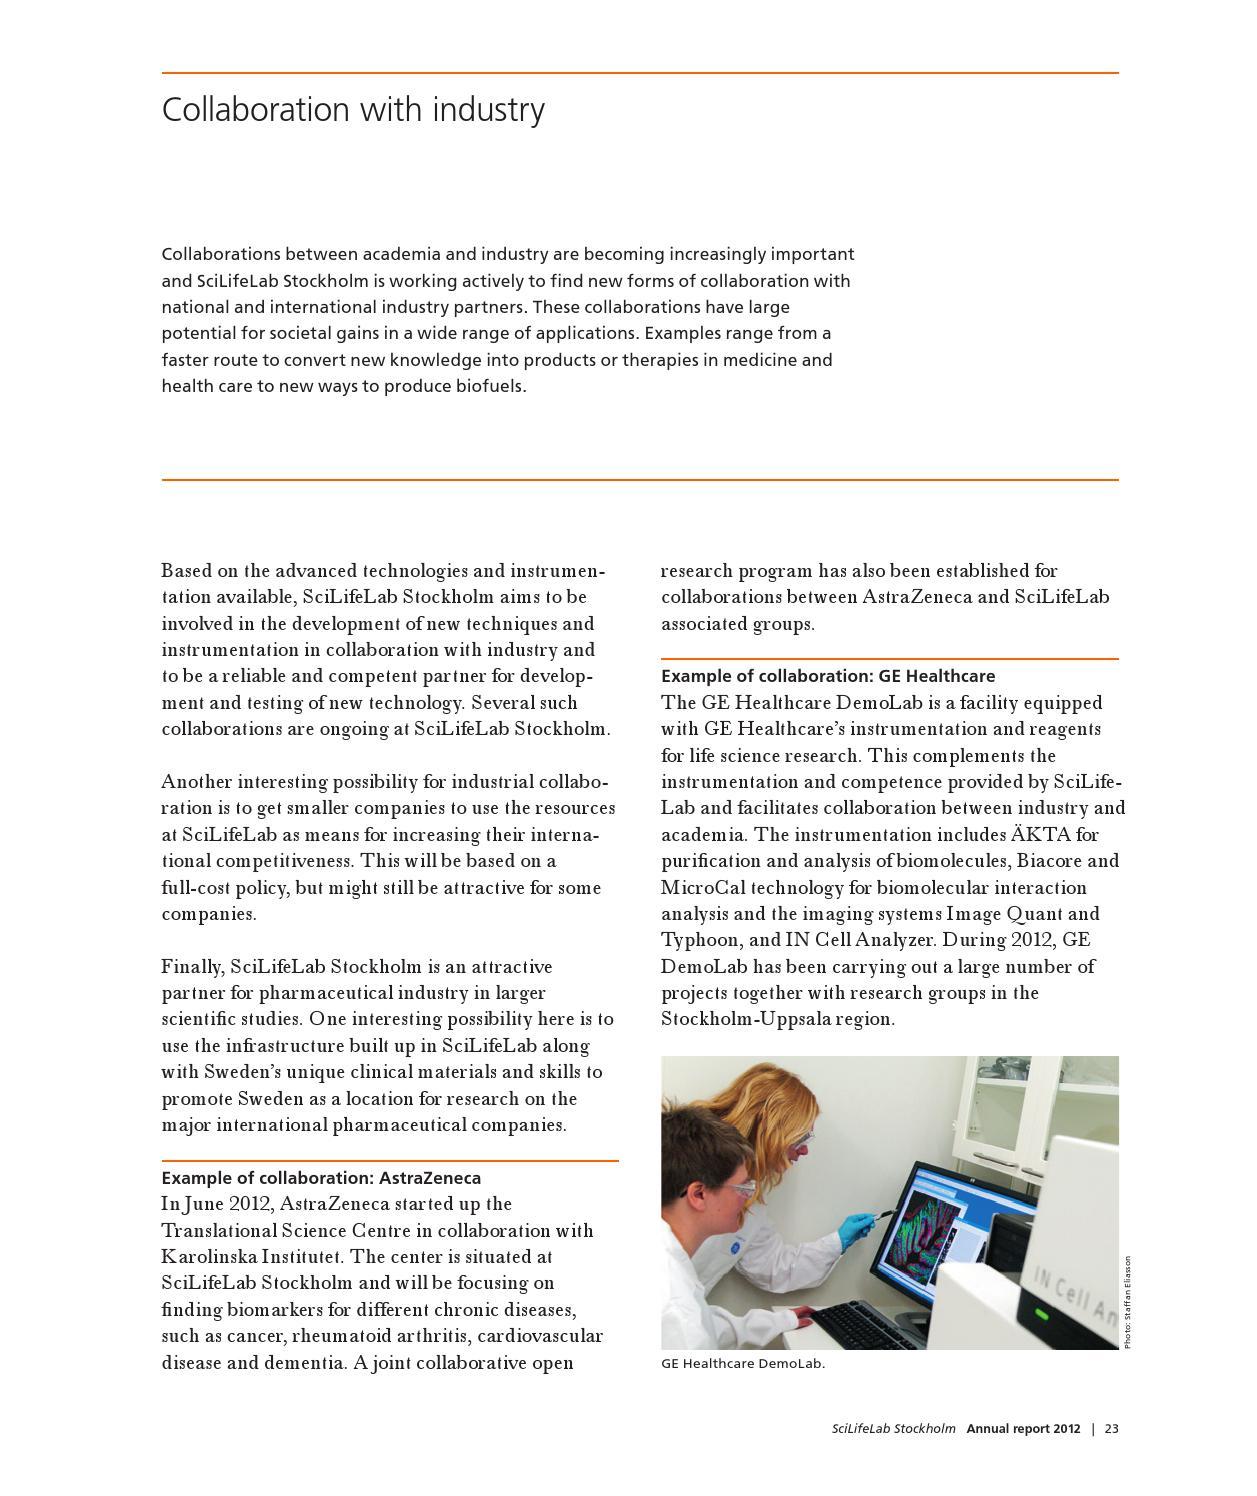 Annual Report 2012 – SciLifeLab Stockholm (English) by SciLifeLab